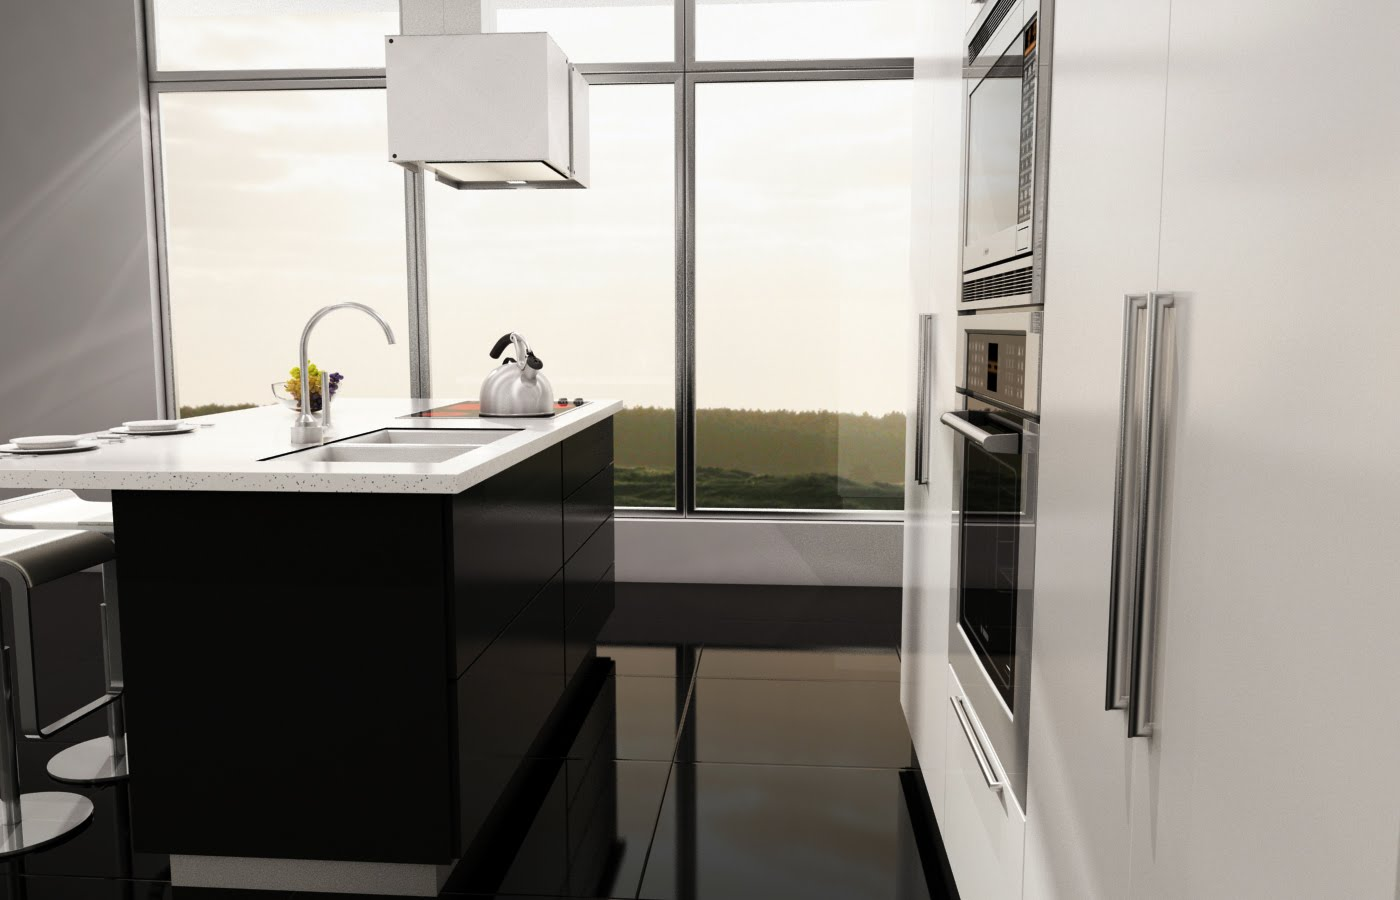 Roman molina dise o 3d cocina pino - Diseno cocina 3d ...